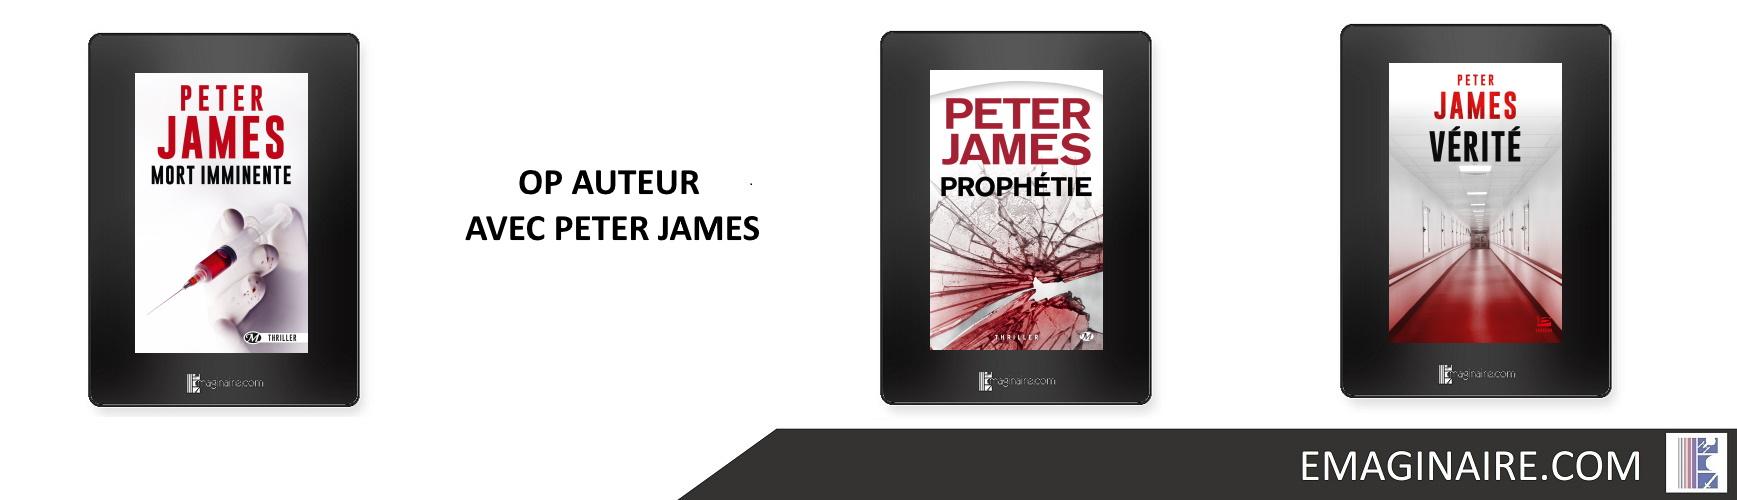 OP AUTEUR AVEC PETER JAMES